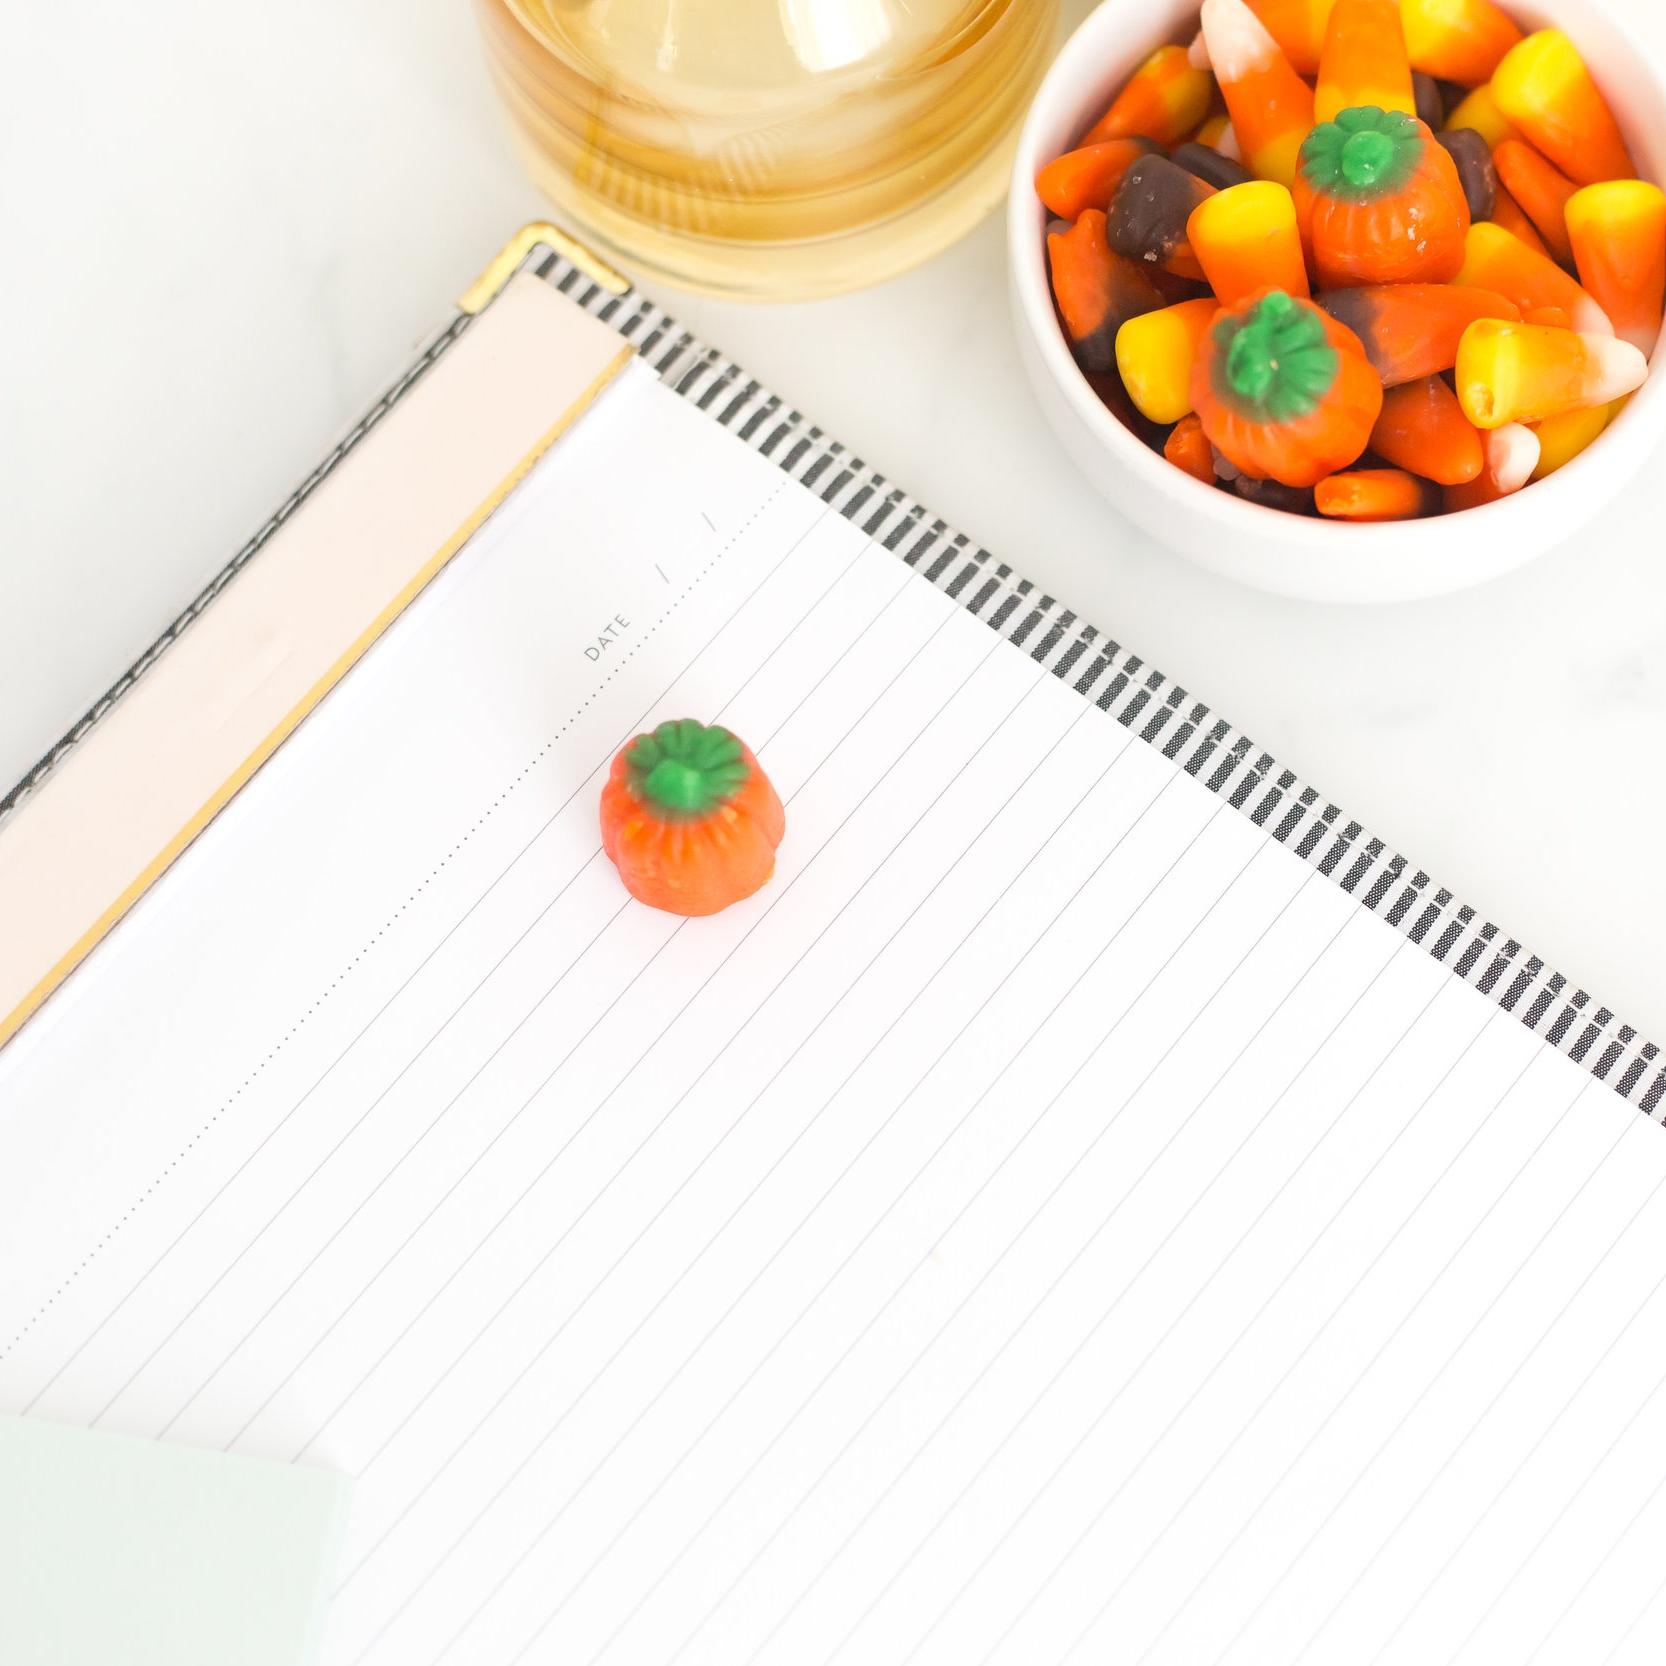 Atelier21 Co - Pumpkin Eye Candy-017.jpg